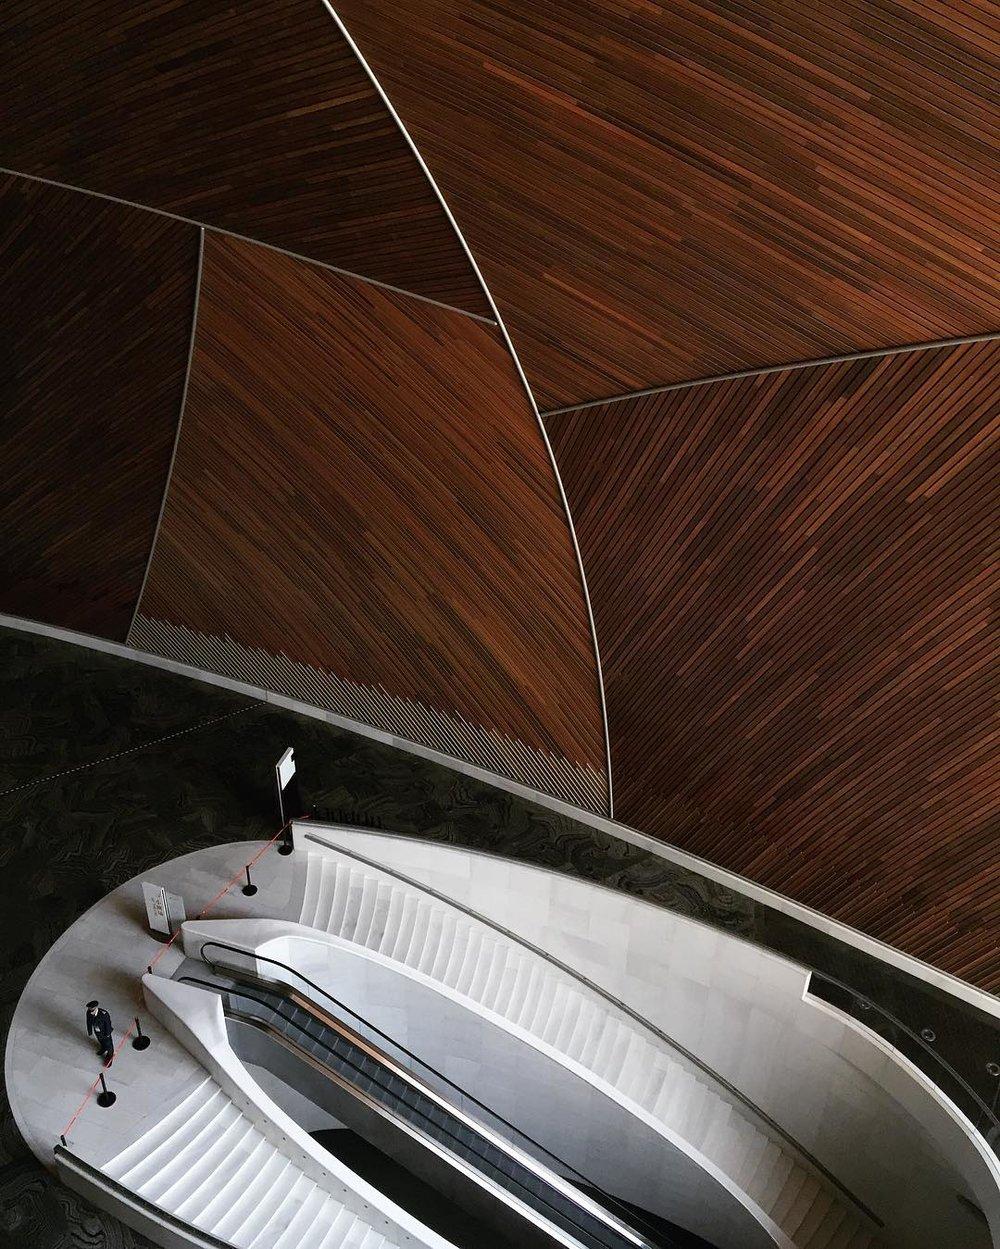 Beijing Opera House, Beijing, China